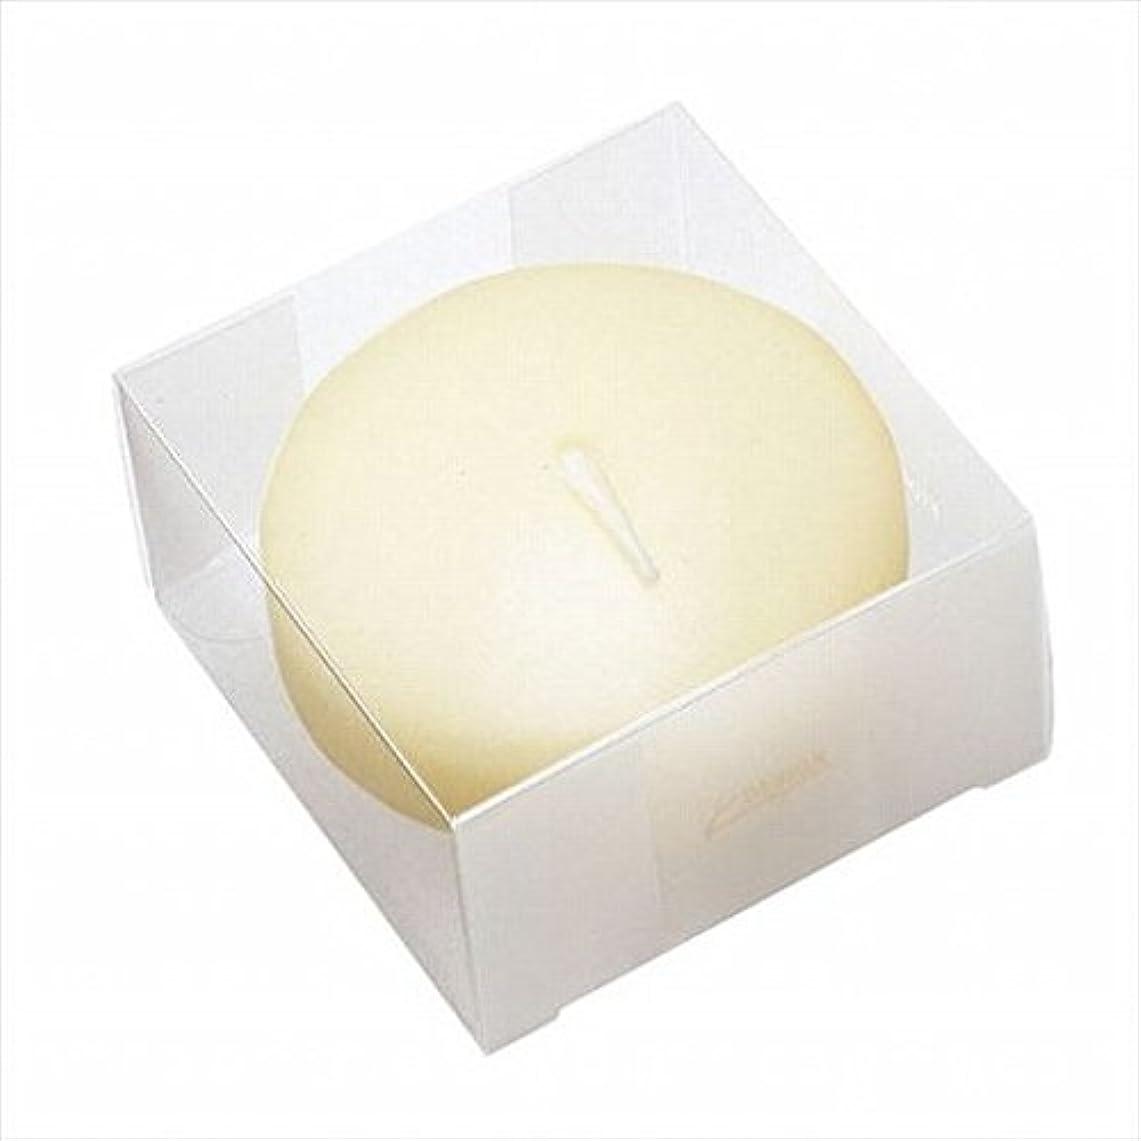 ミリメートル阻害するレビュアーkameyama candle(カメヤマキャンドル) プール80(箱入り) 「 アイボリー 」 キャンドル 80x80x45mm (A7069050)